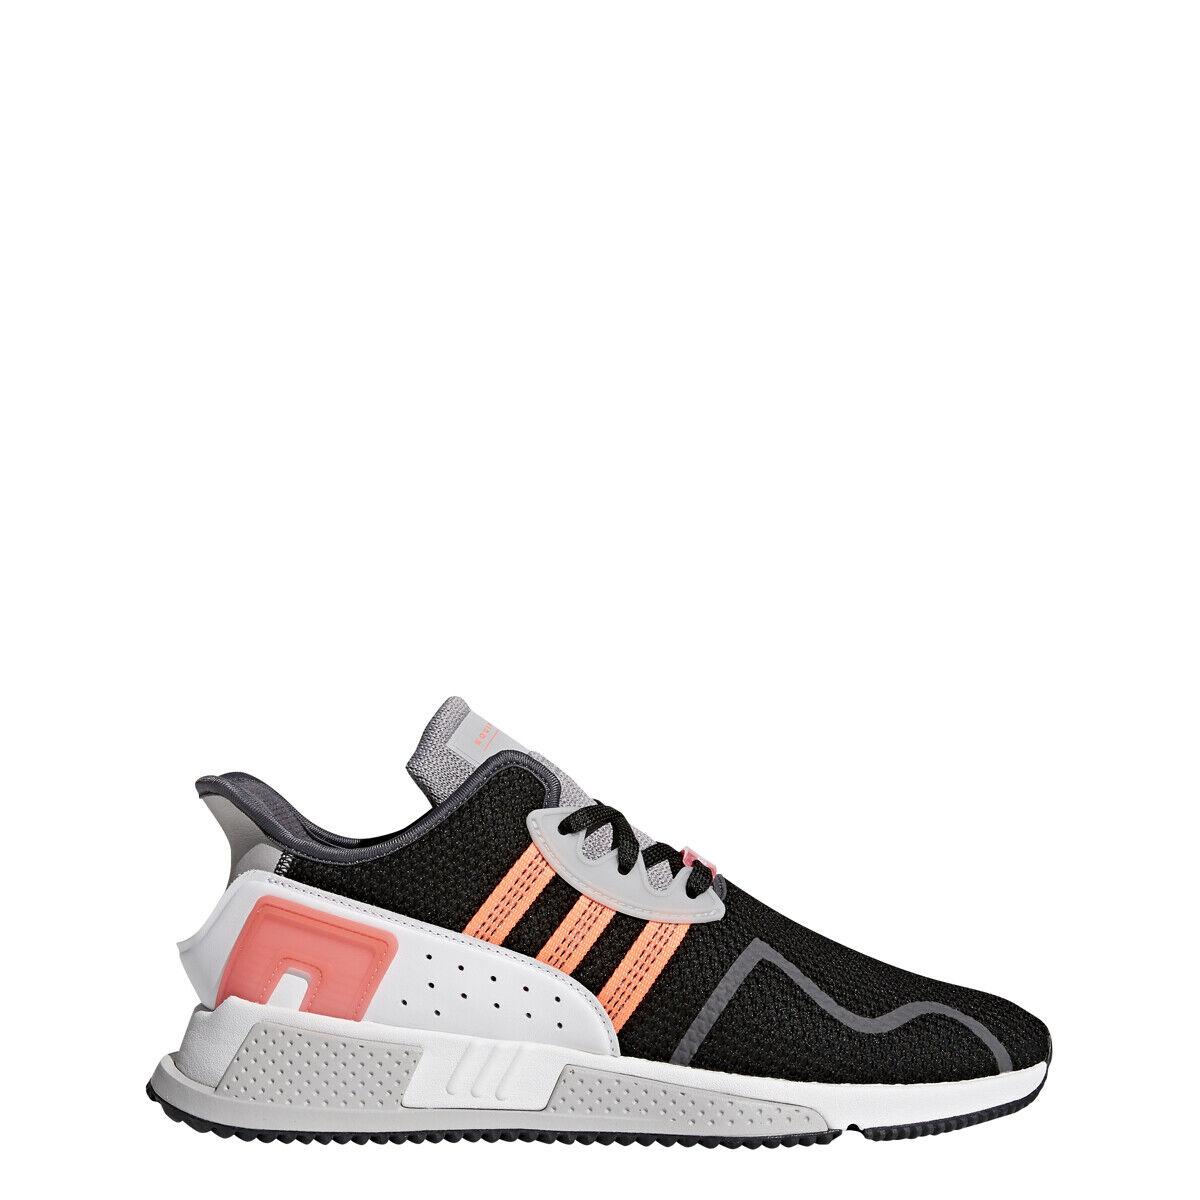 Adidas Men  EQT CUSHION ADV BK TUR W shoes AH2231